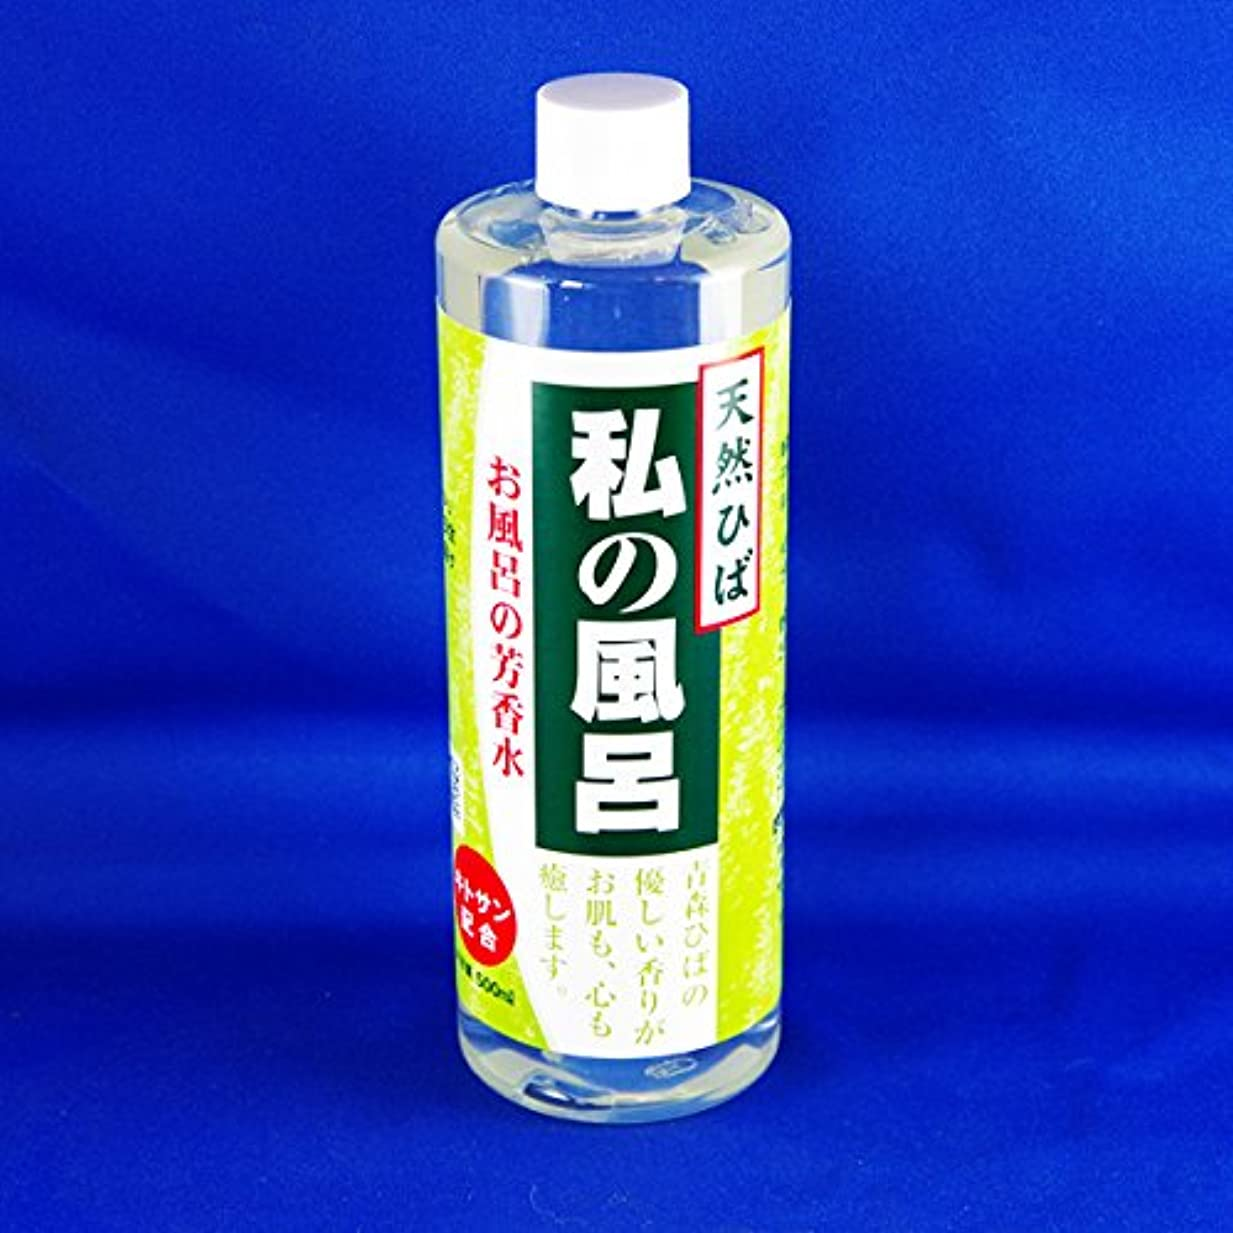 悪化させる立ち向かう不正確【入浴剤】青森ひば 私の風呂 500ml(高分子キトサン配合)